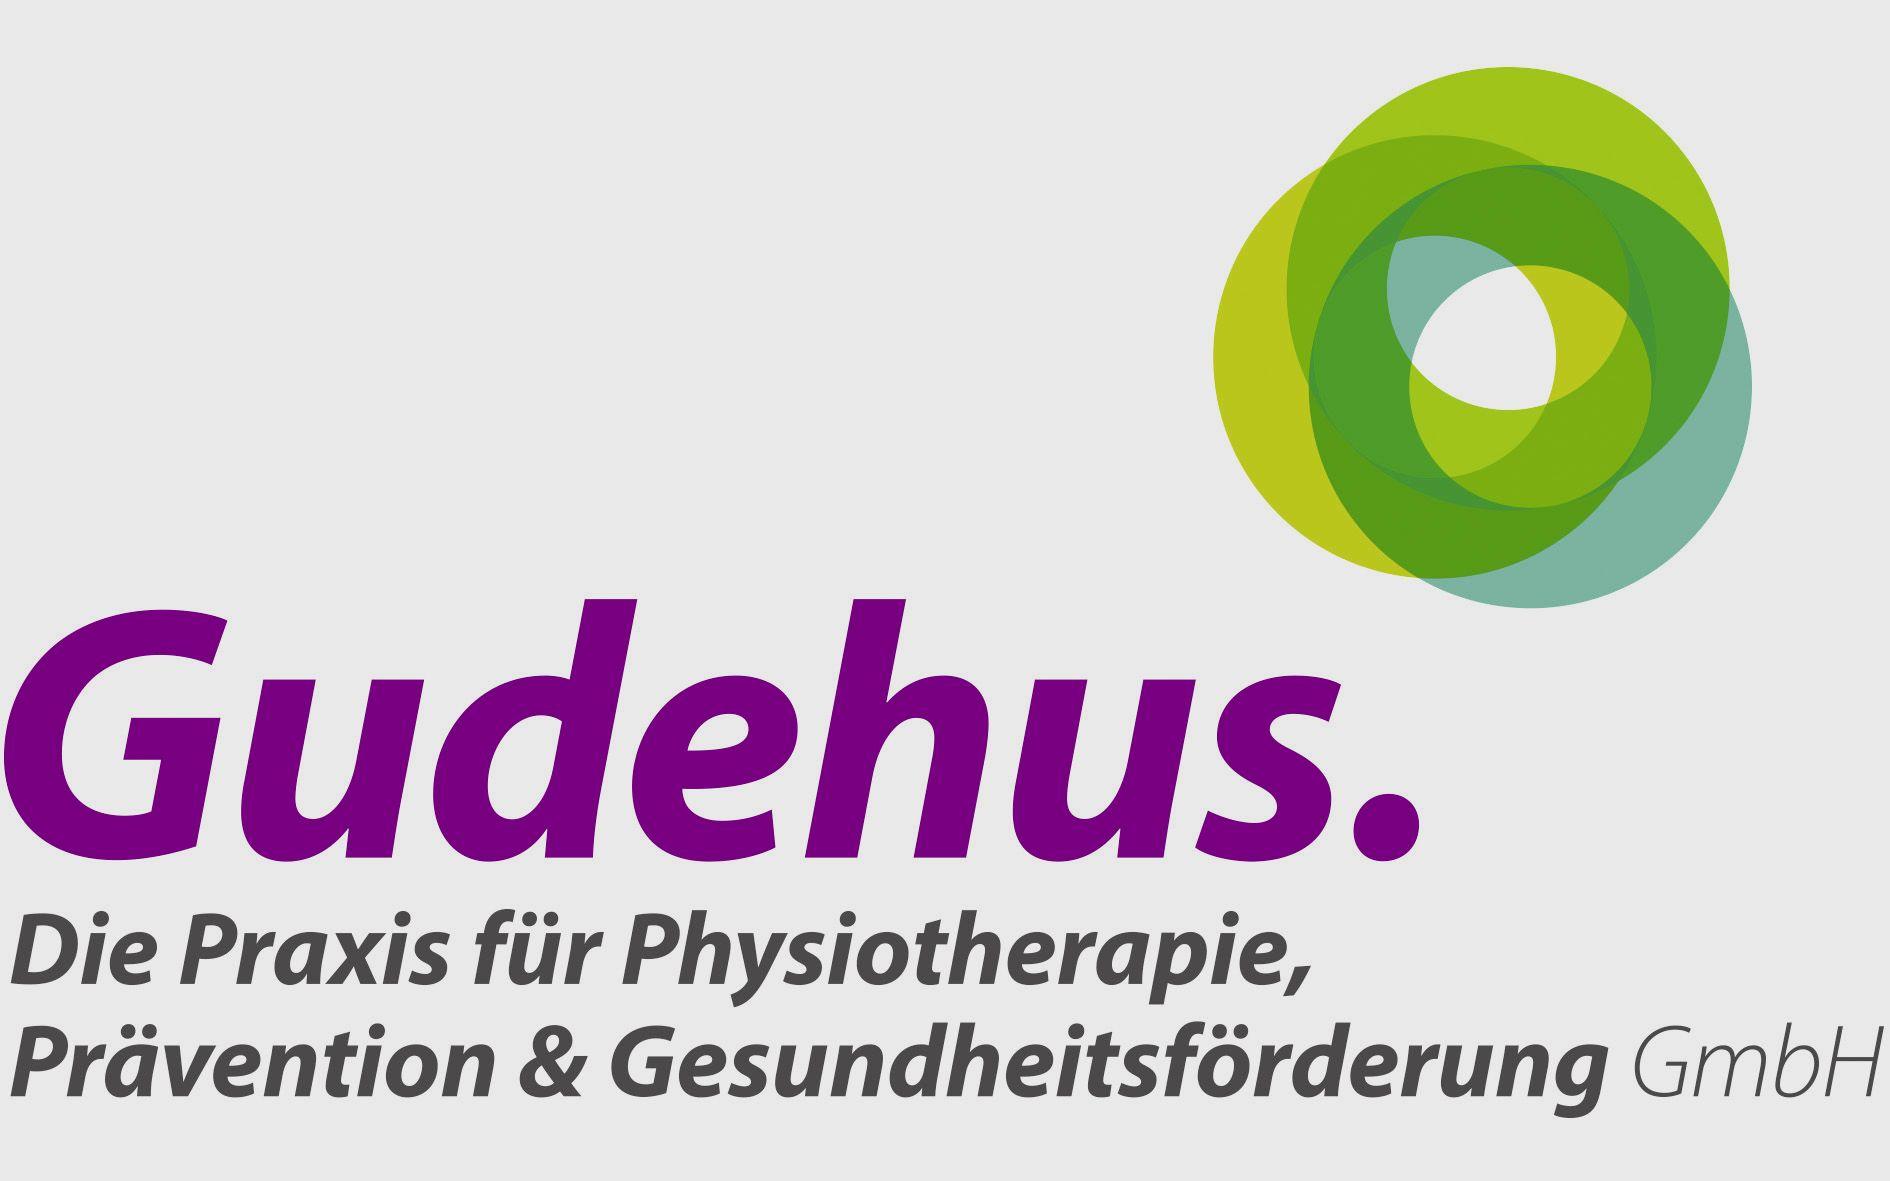 Gudehus. Die Praxis für Physiotherapie, Prävention & Gesundheitsförderung